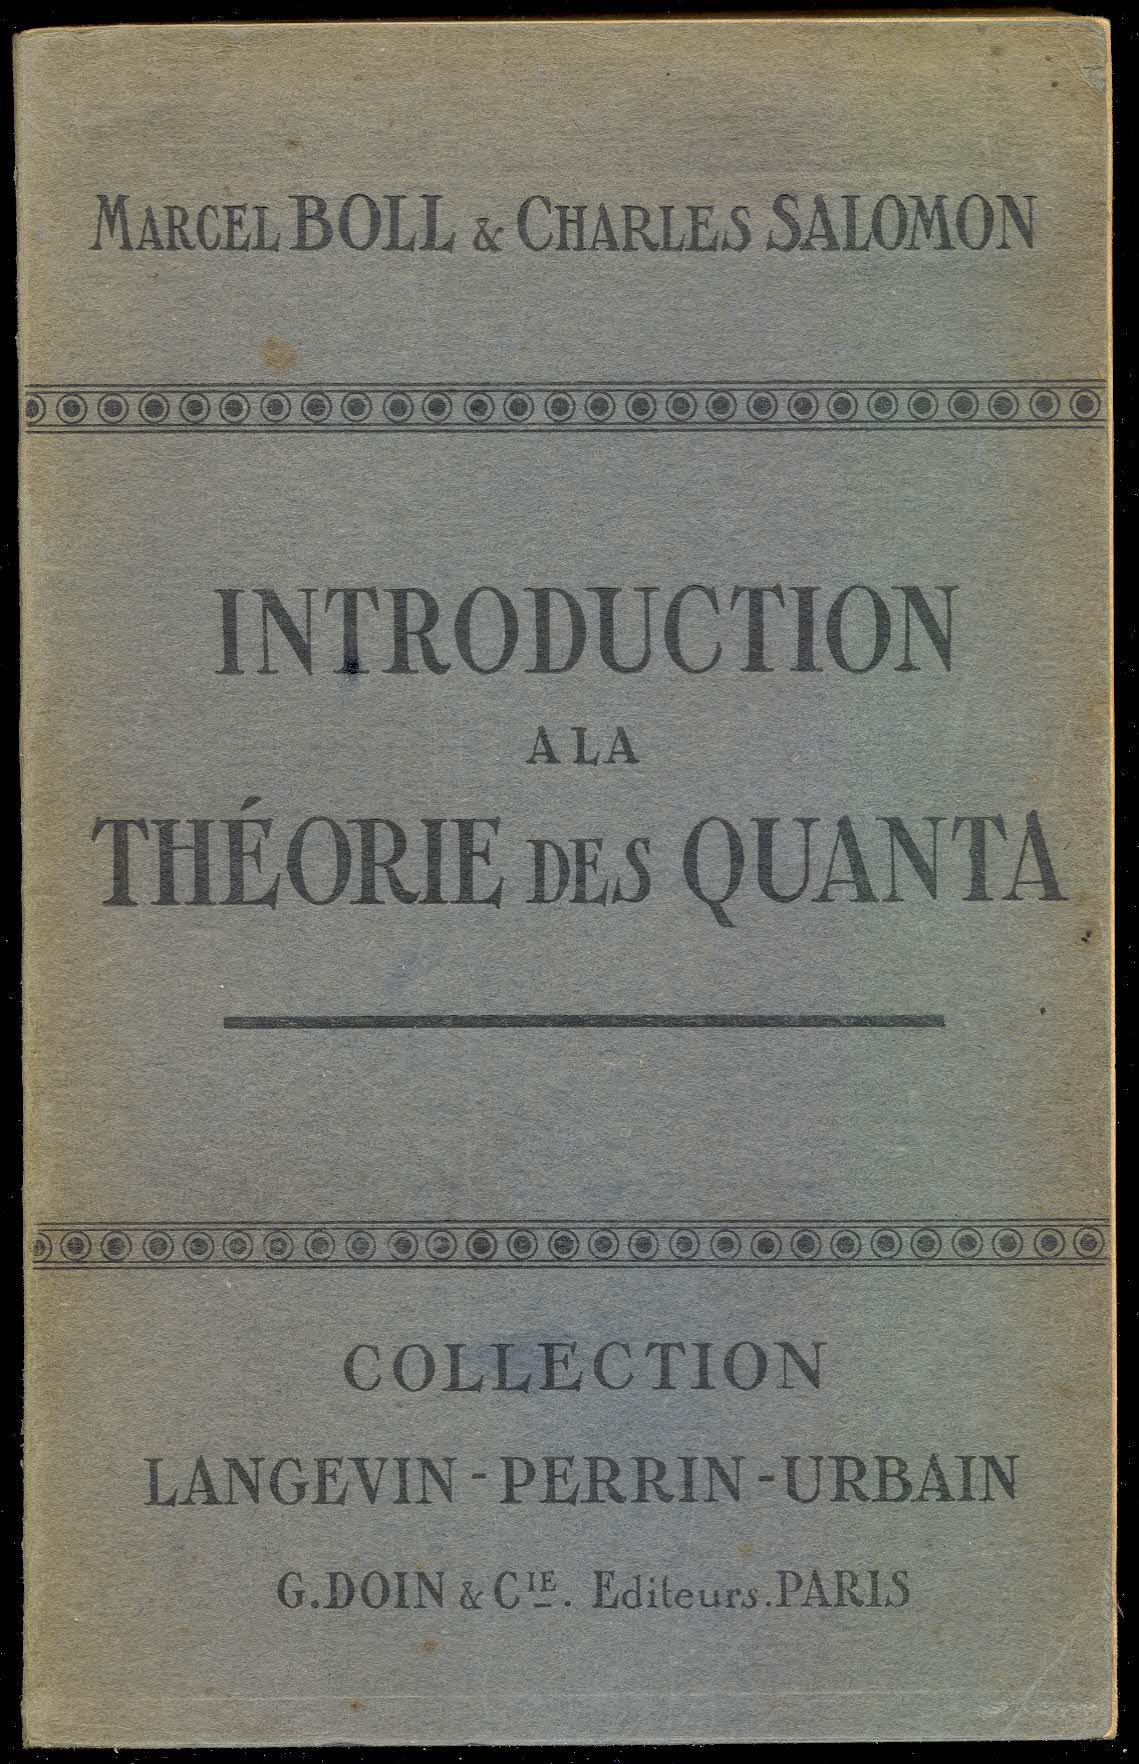 Introduction a la théorie des quanta